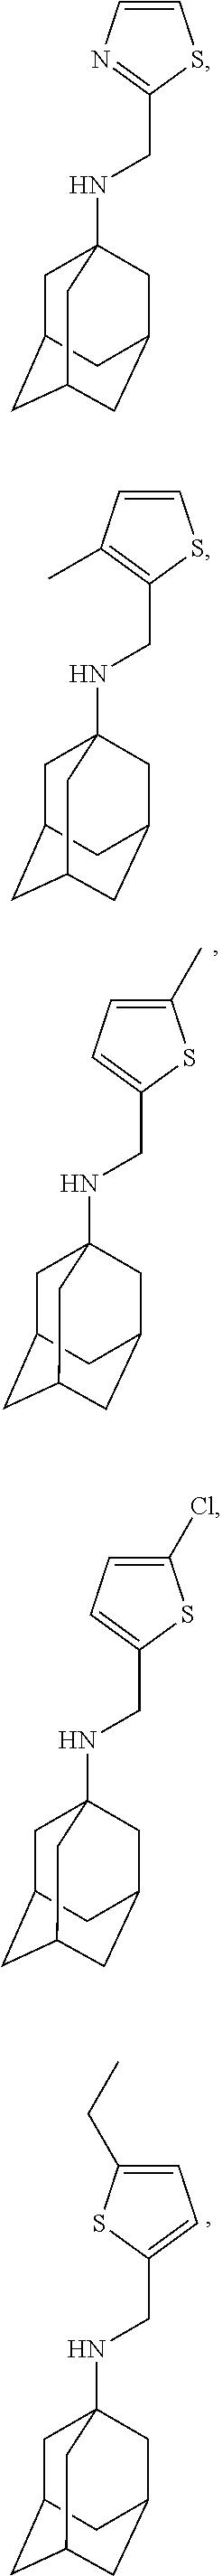 Figure US09884832-20180206-C00179